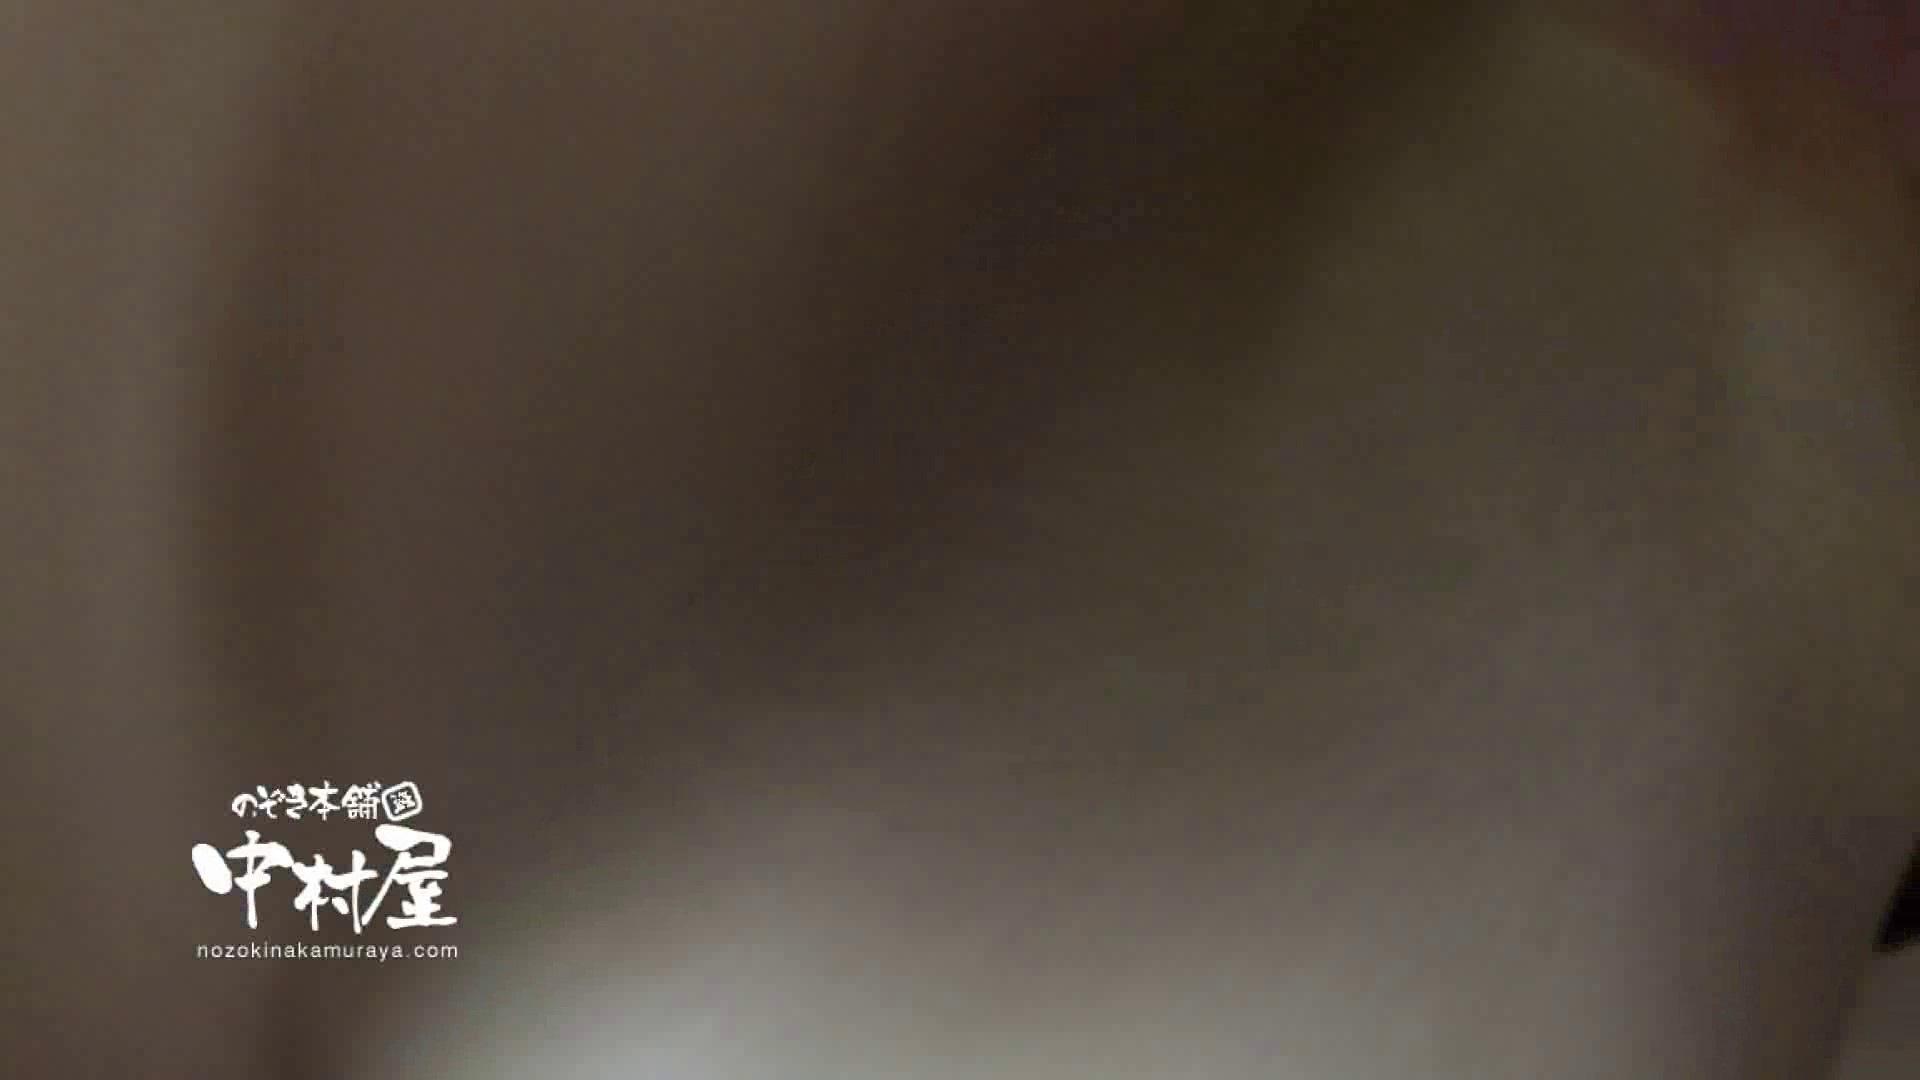 鬼畜 vol.15 ハスキーボイスで感じてんじゃねーよ! 前編 鬼畜   エッチなセックス  66画像 25